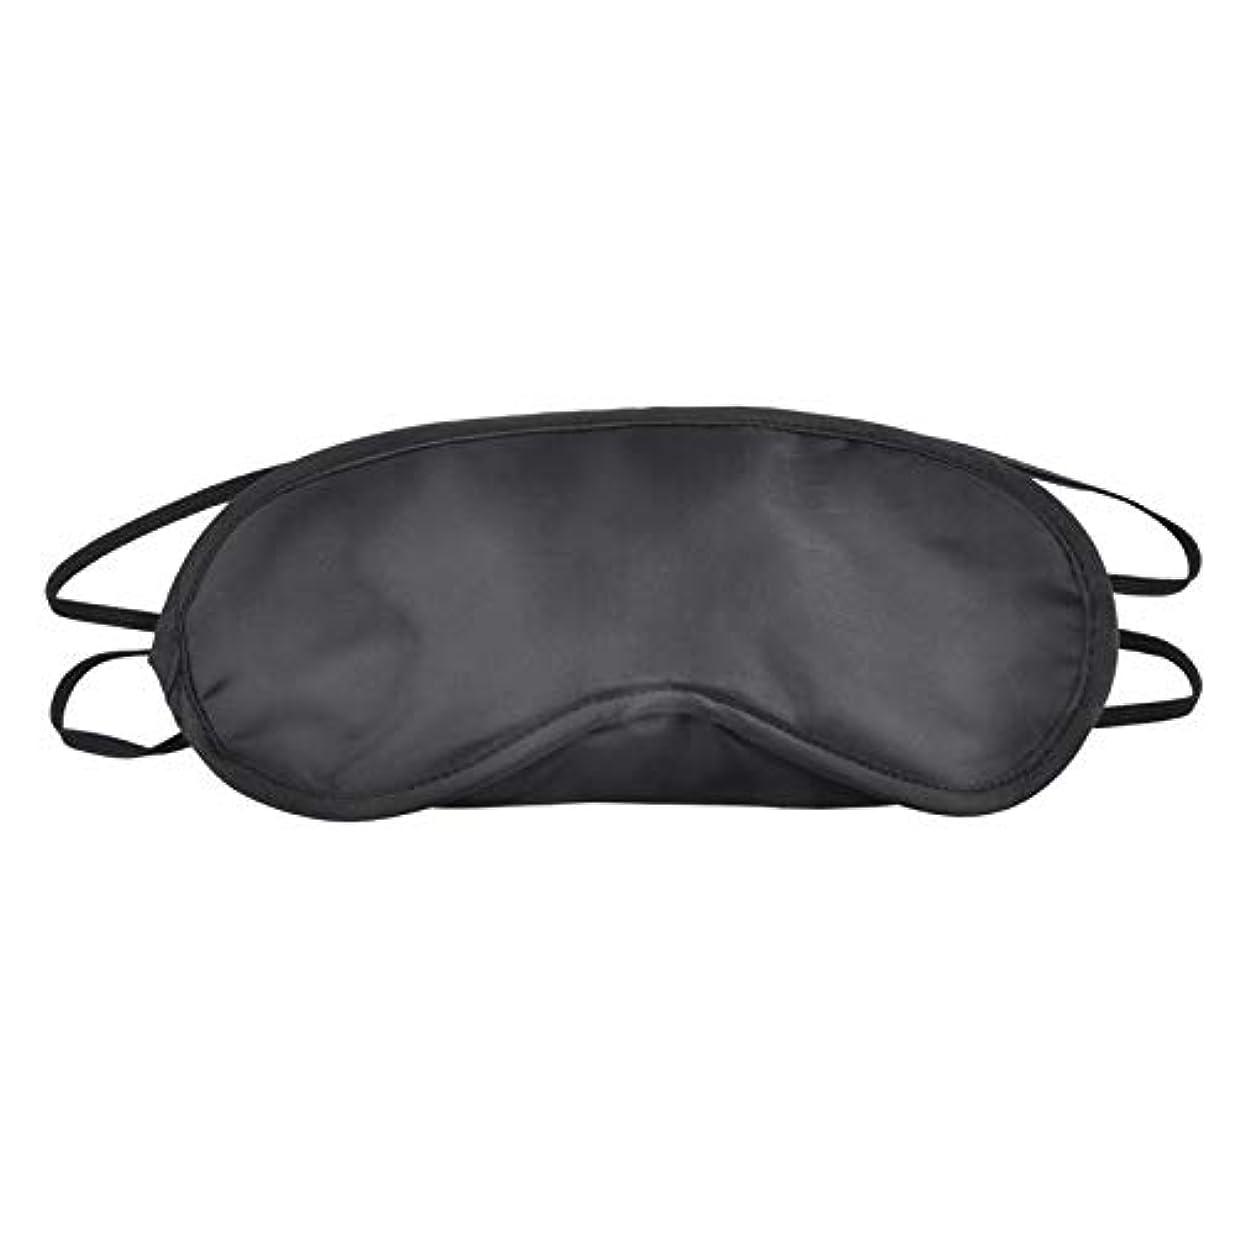 多用途信じられない落ちたNOTE ブラックアイマスクシェードナップカバー目隠しマスク用睡眠旅行ソフトポリエステルマスク